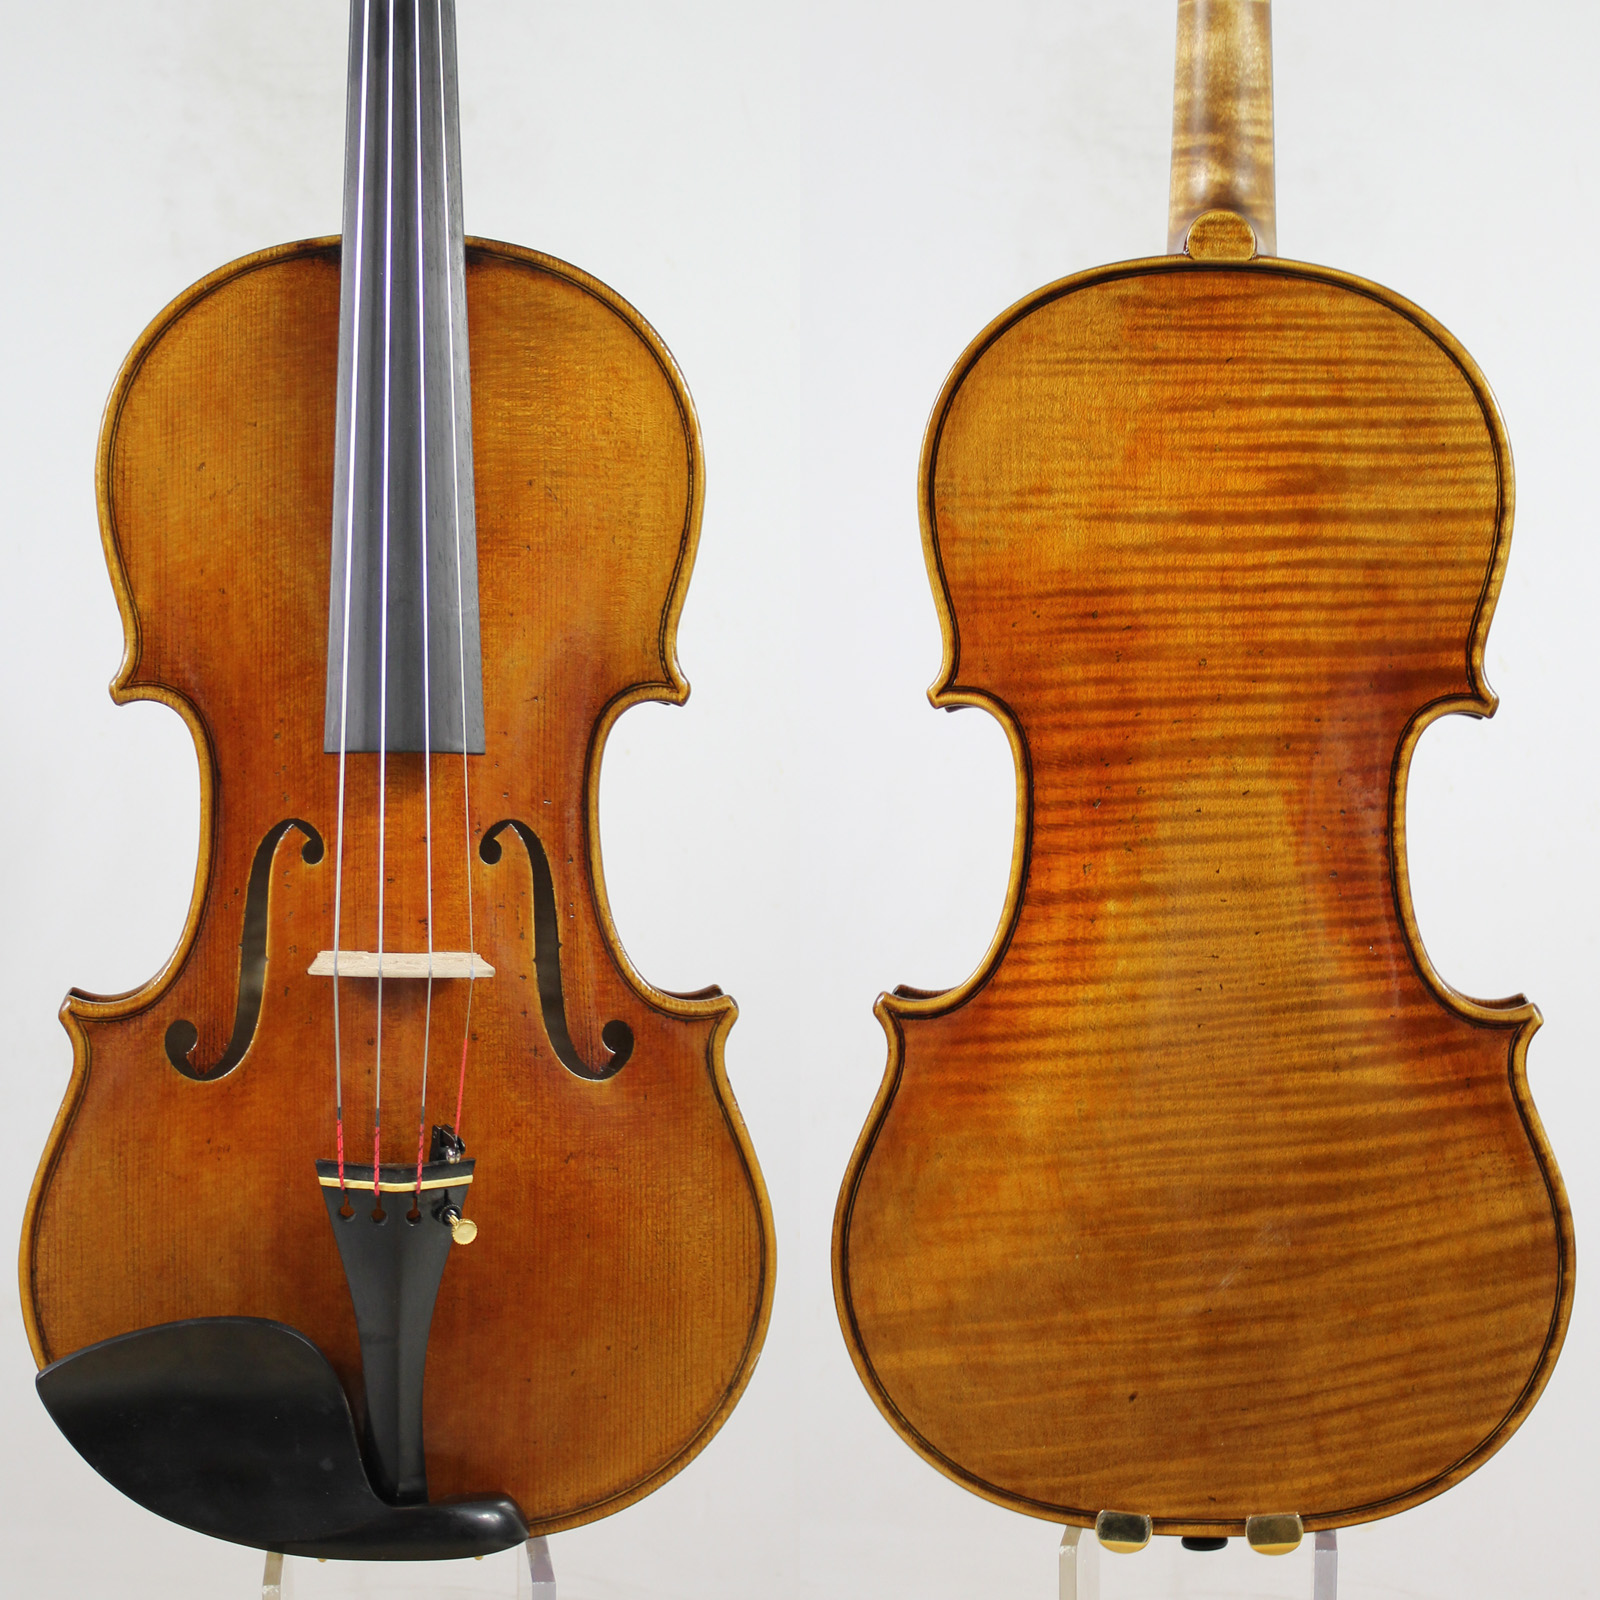 Ancienne épicéa 60 x! incroyable 1 Pc de retour! Antonio Stradivari sol violon 4/4 violino copie, tout en bois européen, livraison gratuite!